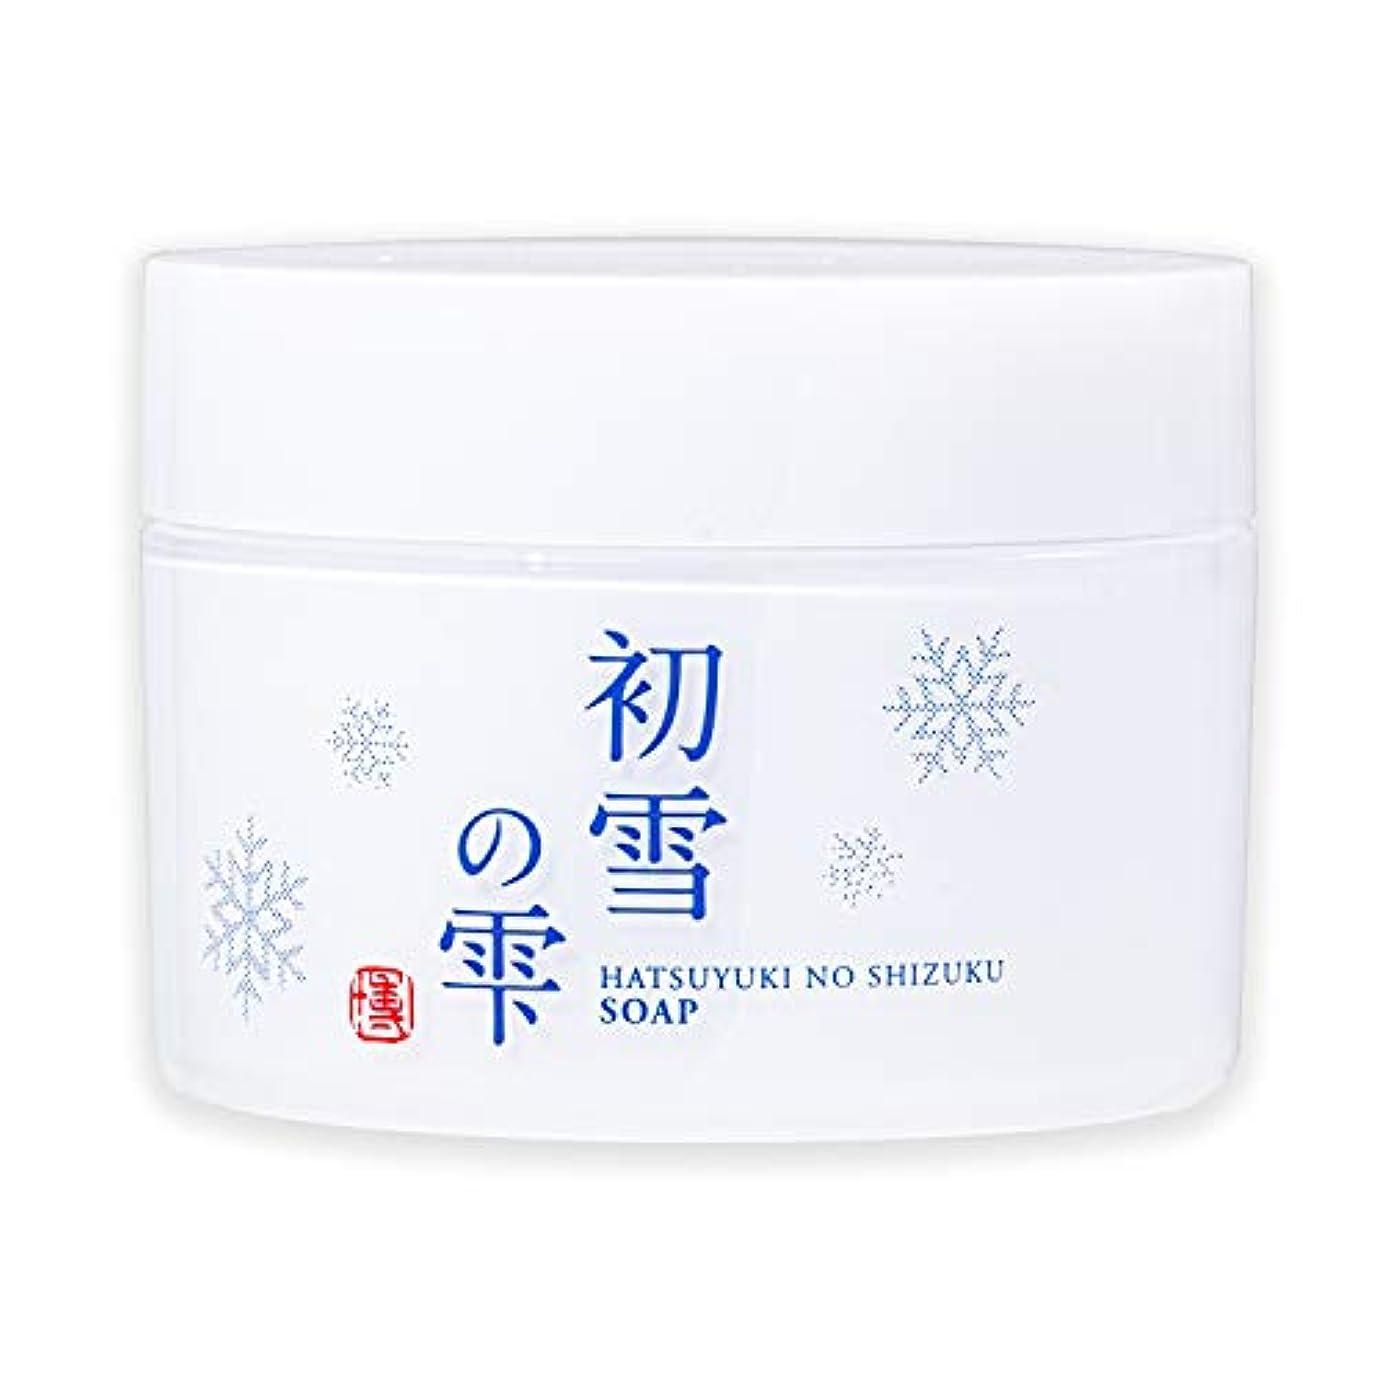 平等喜劇練る初雪の雫 洗顔 練り せっけん ジャータイプ 105g [アミノ酸 ヒアルロン酸 プラセンタエキス セラミド 配合]